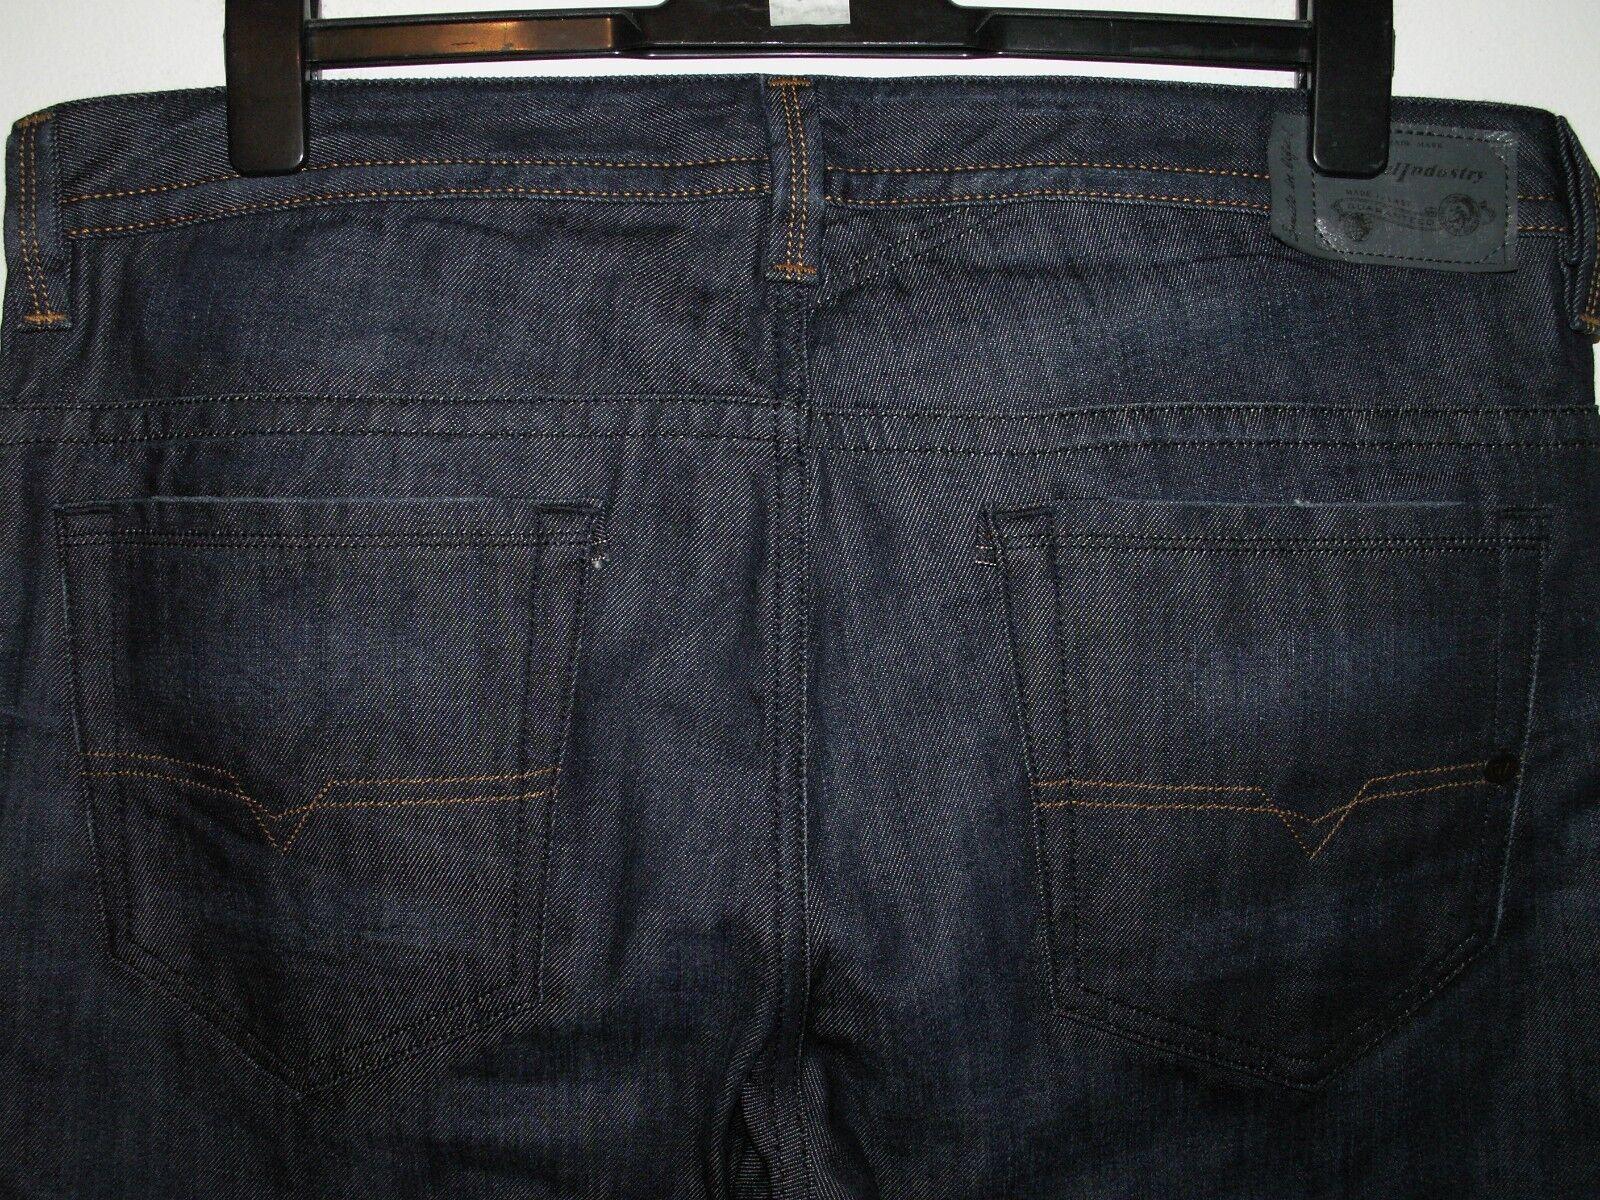 DIESEL THAVAR SLIM-SKINNY FIT JEANS 0842N W36 L32 (4833)  sale